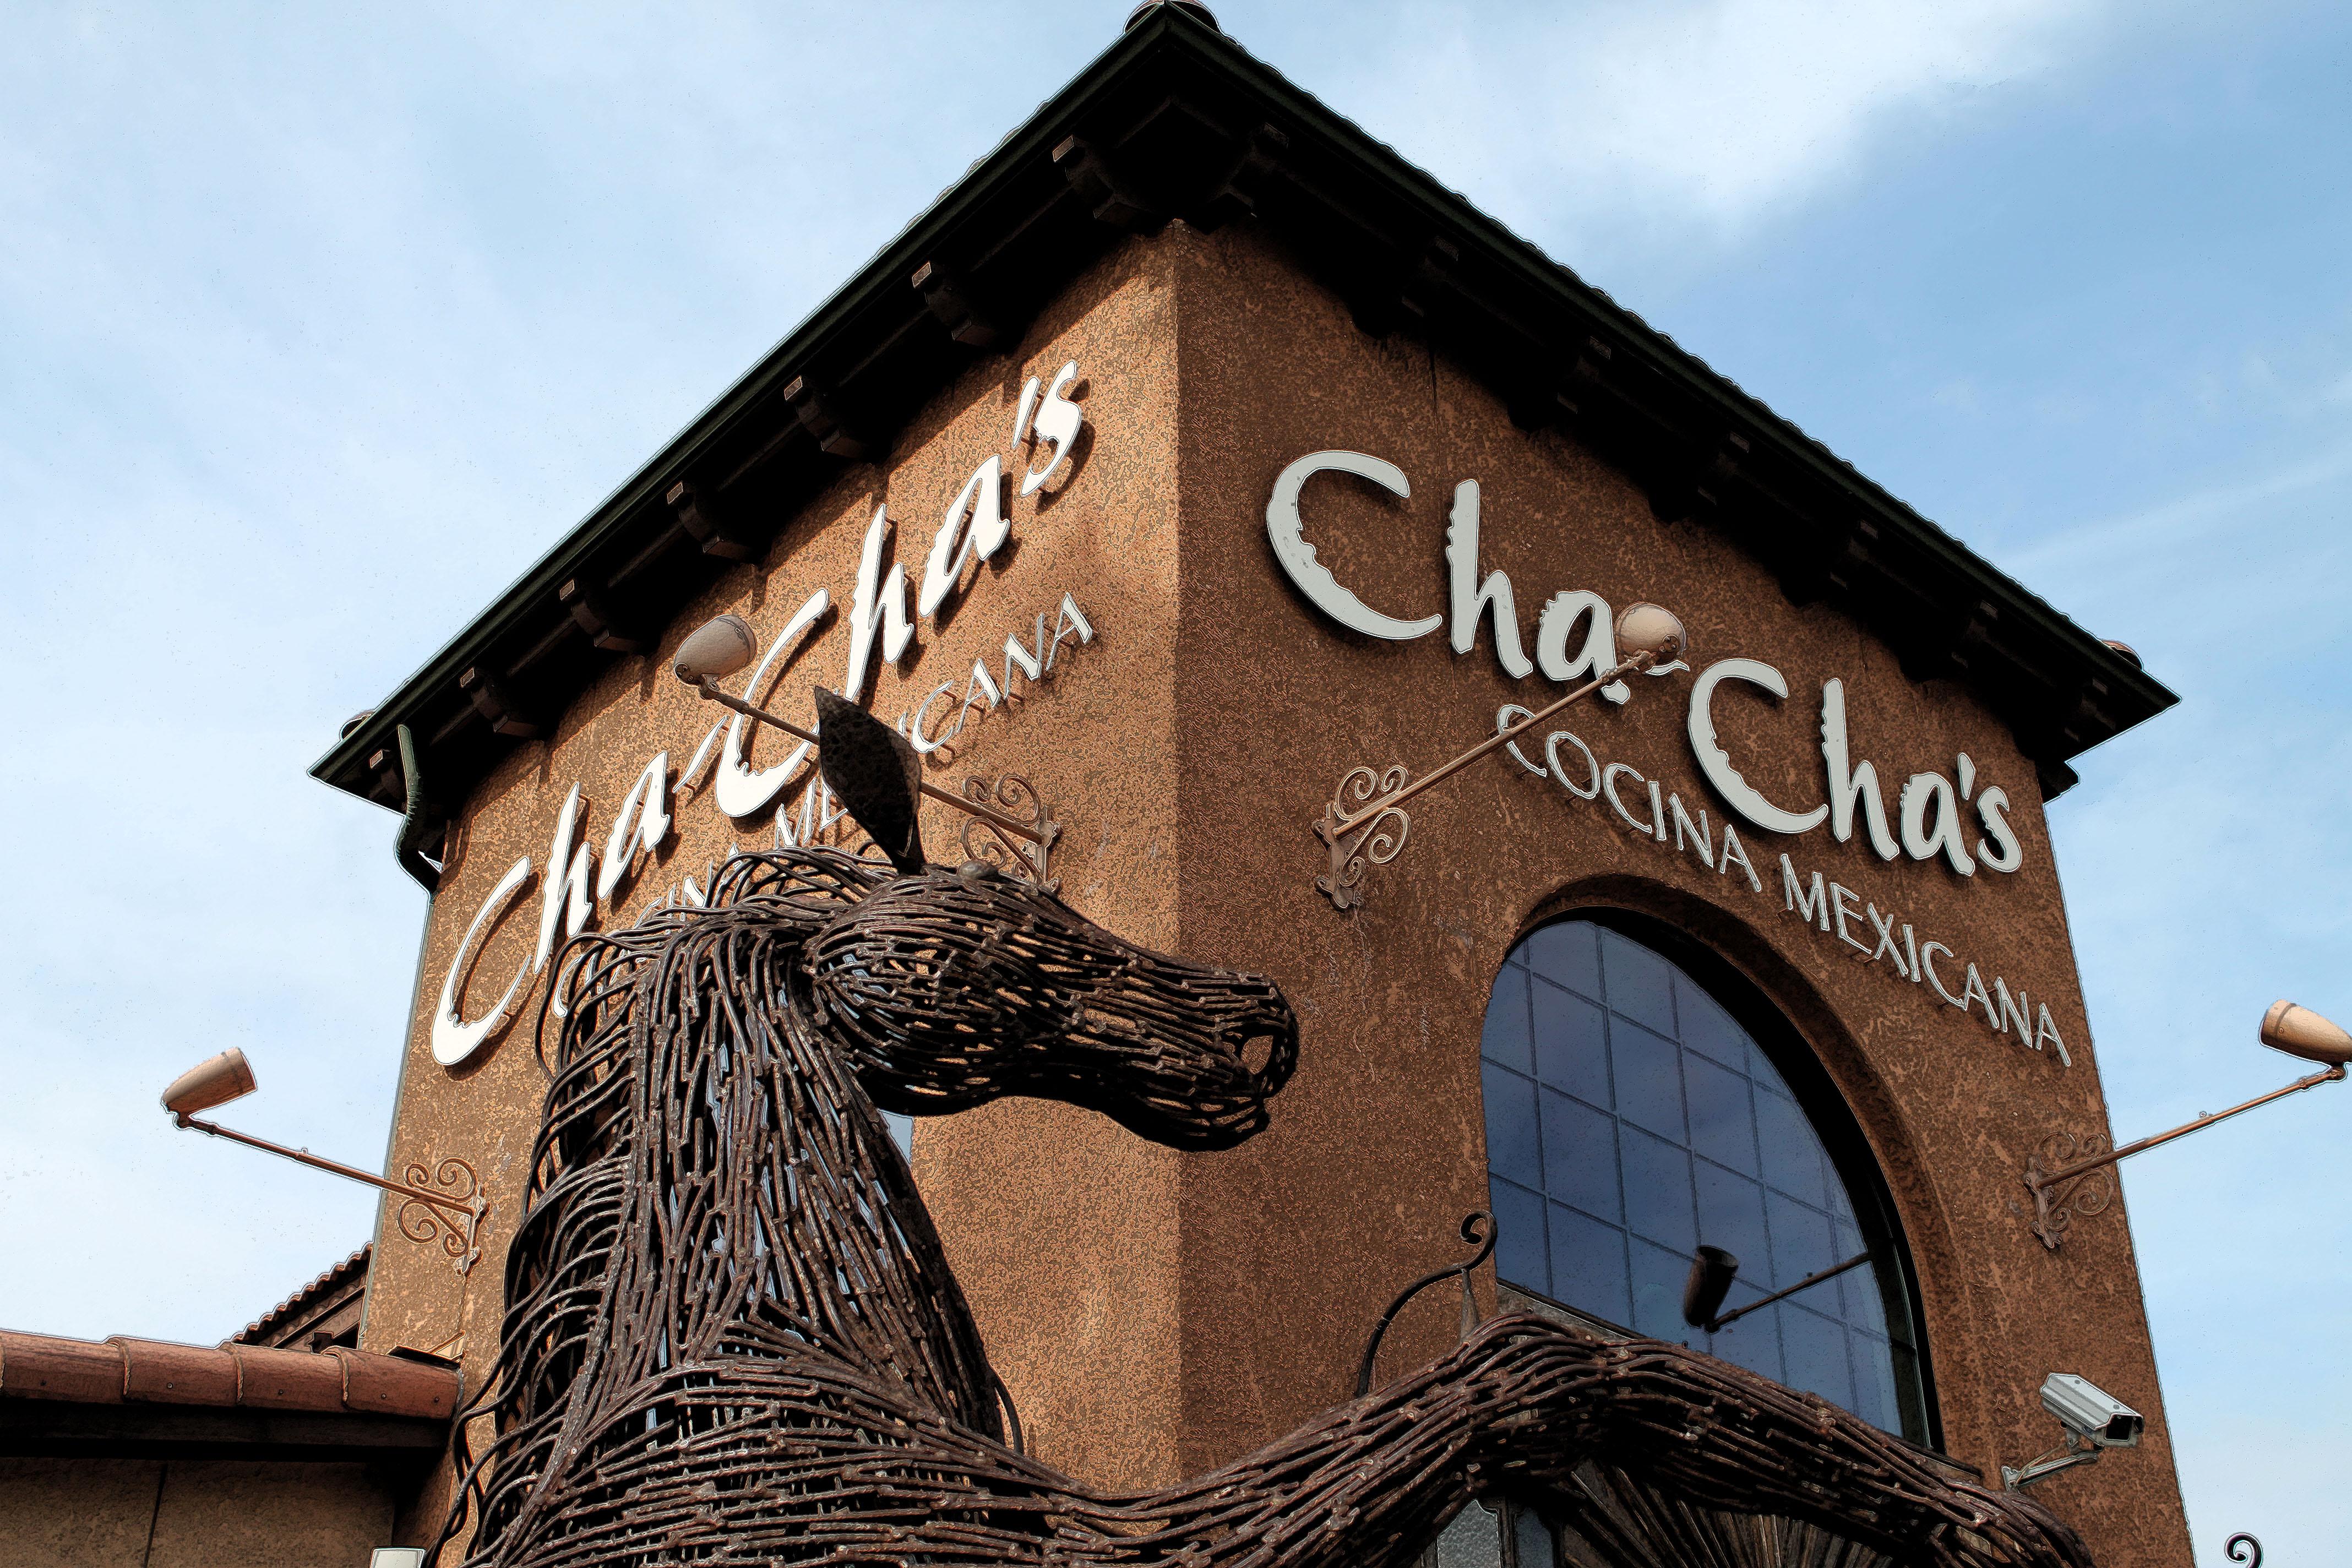 Cha-Cha's Front